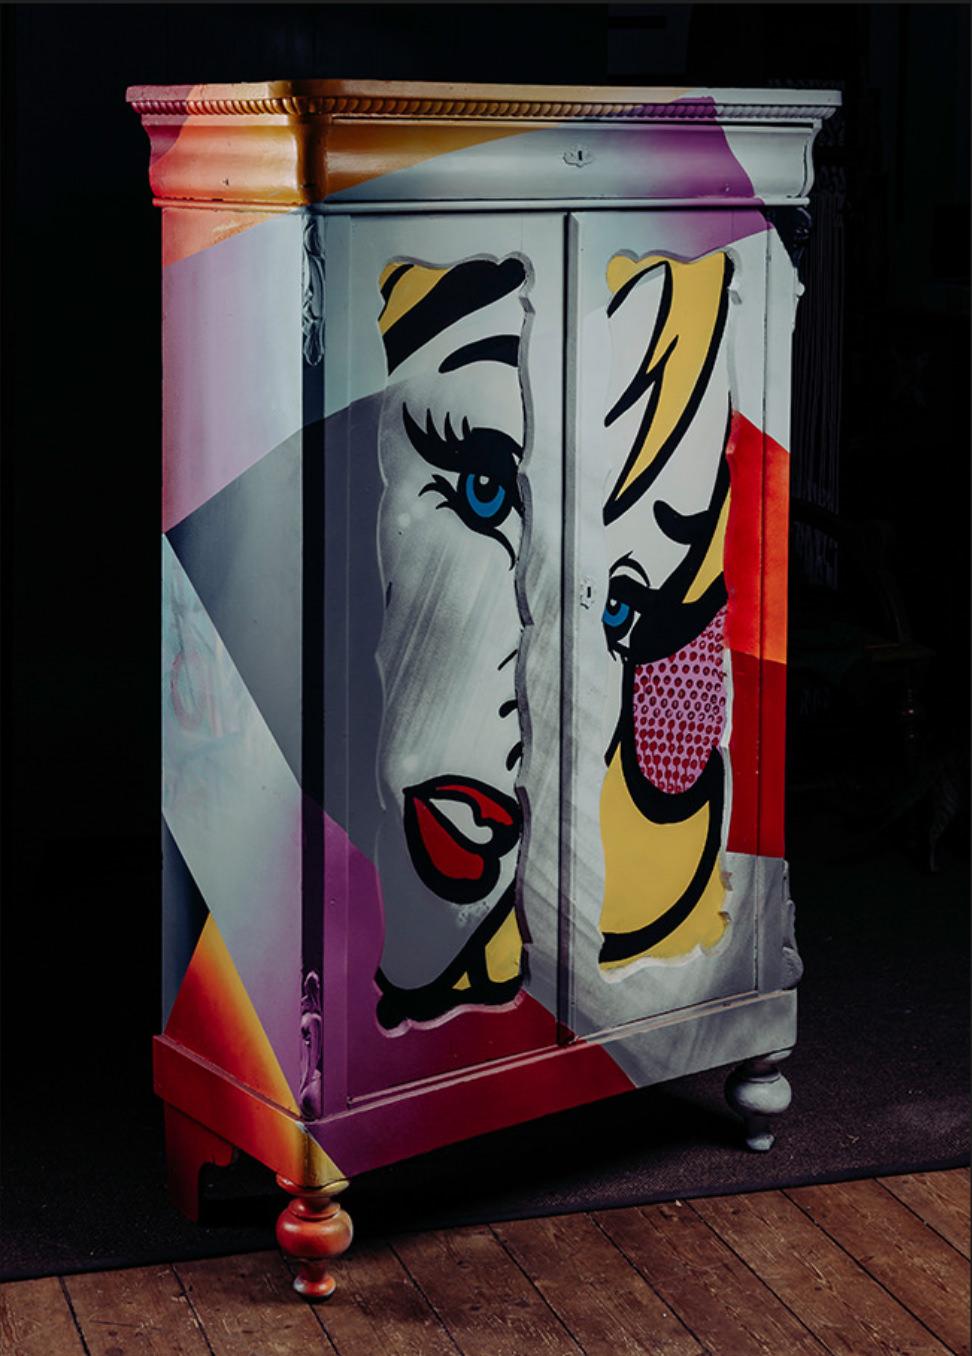 graffiti-furniture-popart-closet